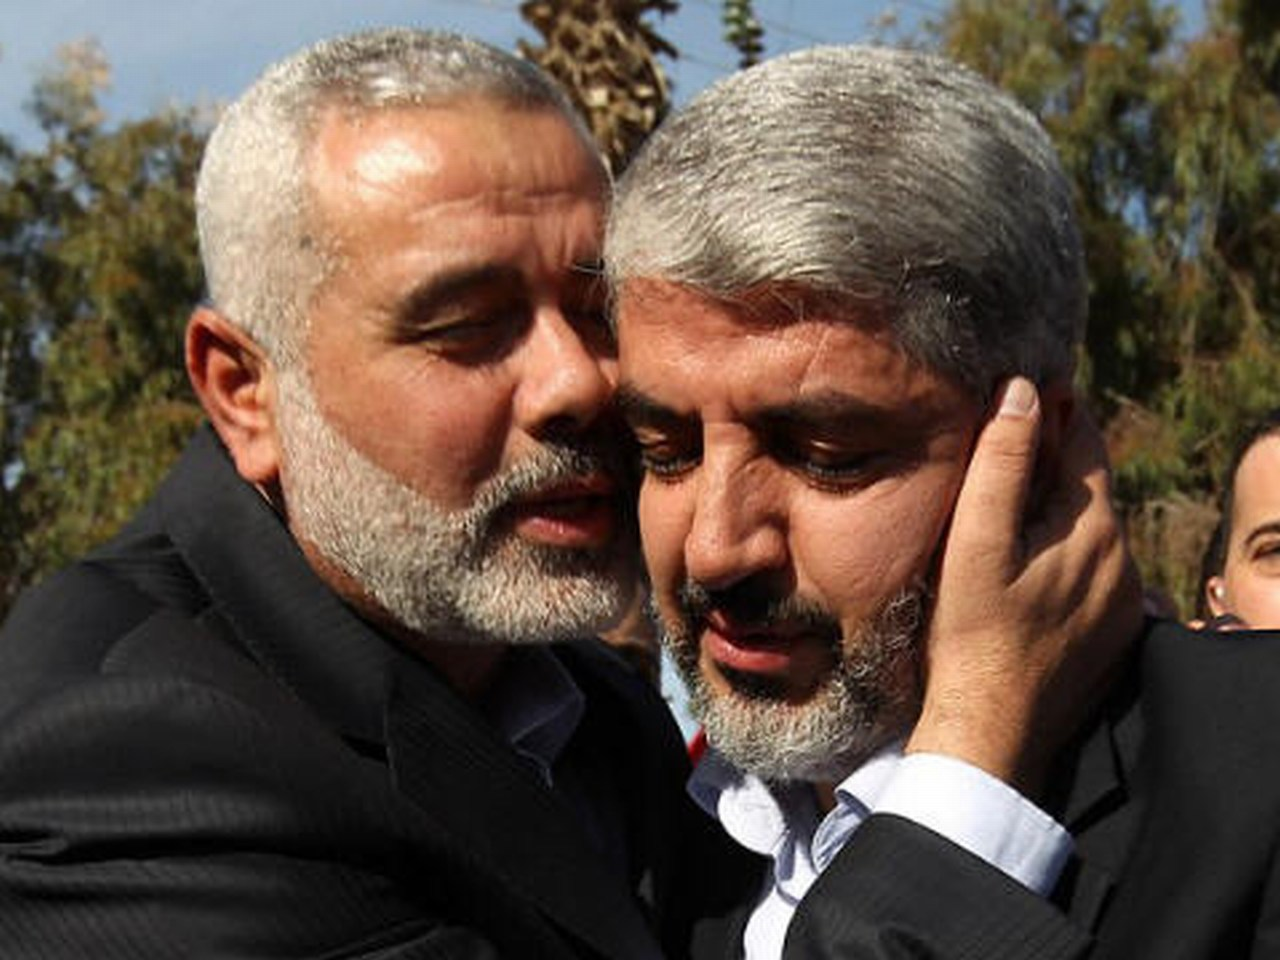 الحركة الإسلامية الفلسطينية تواجه مأزقاً وجودياً: